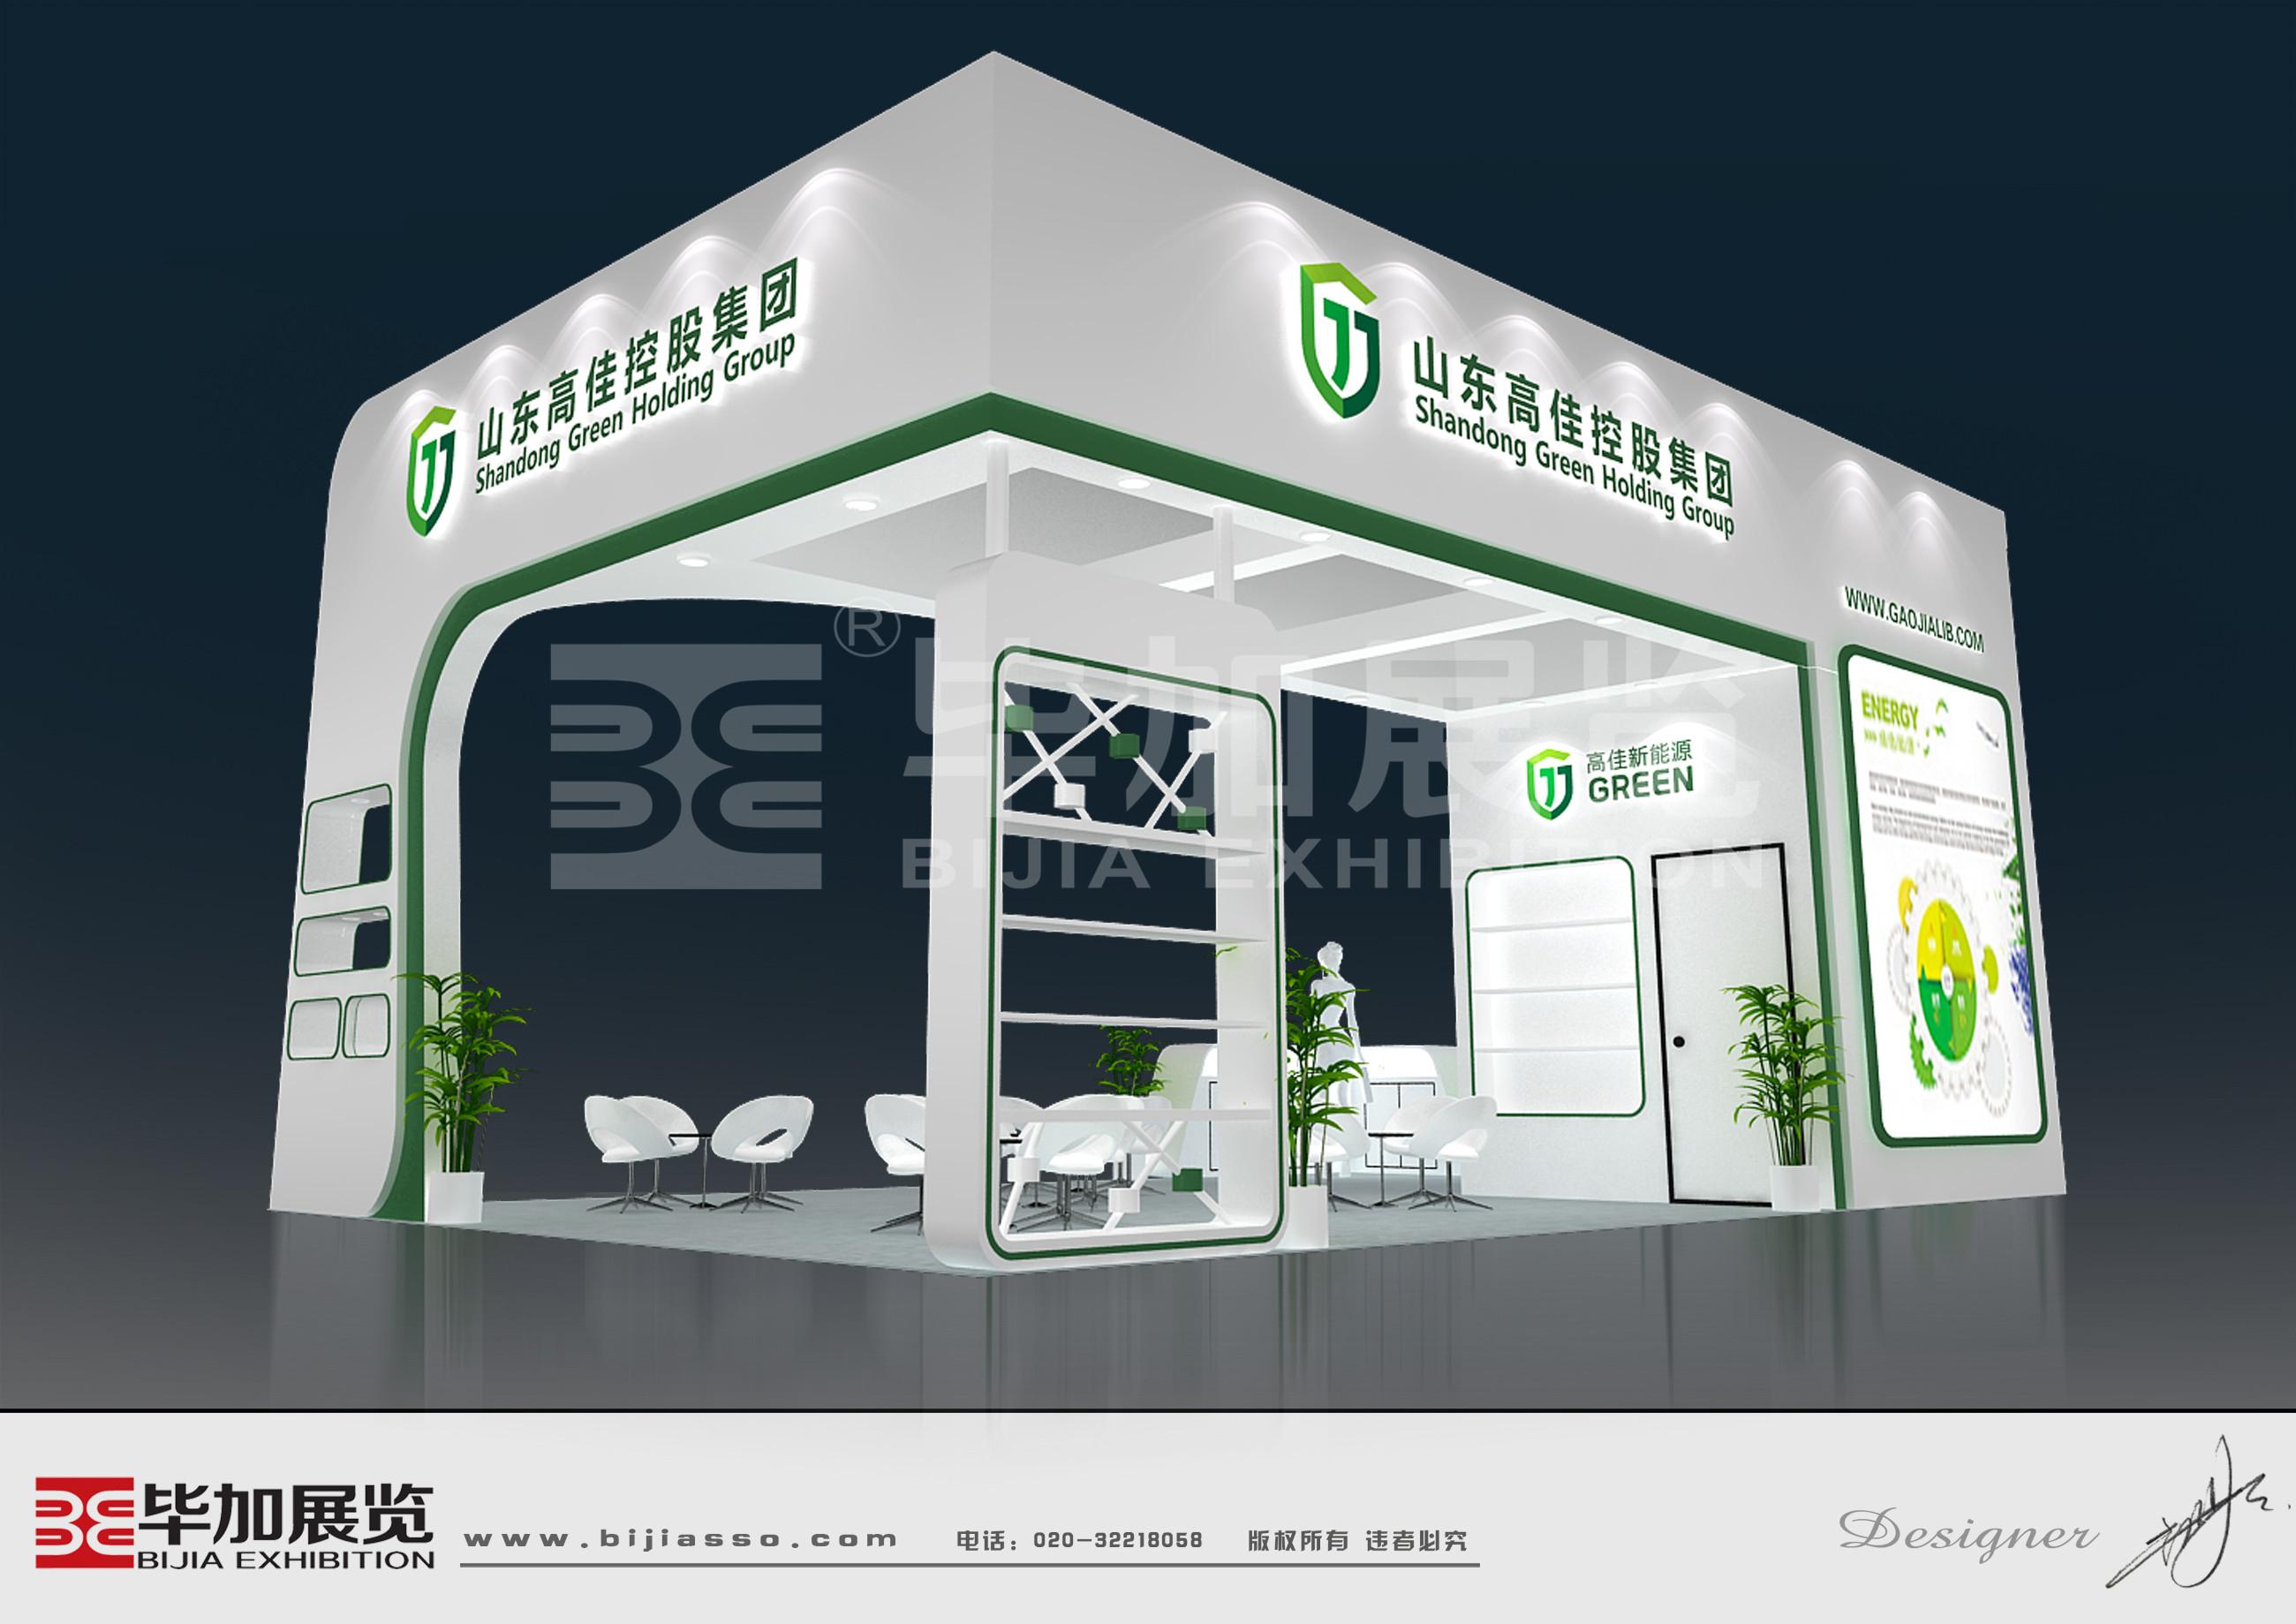 高佳新能源—电池展